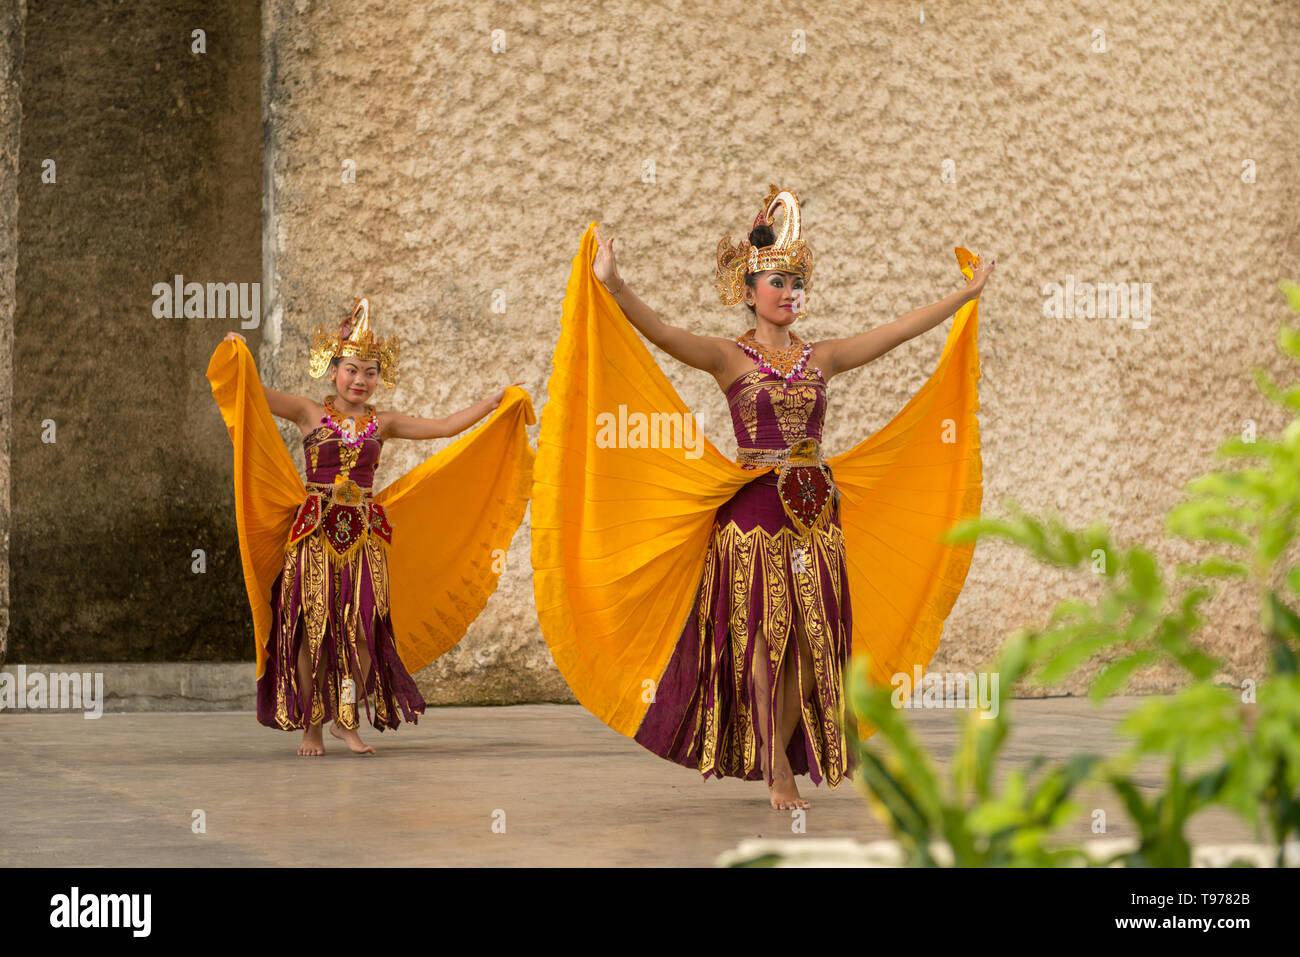 Barong dance show - Stock Image